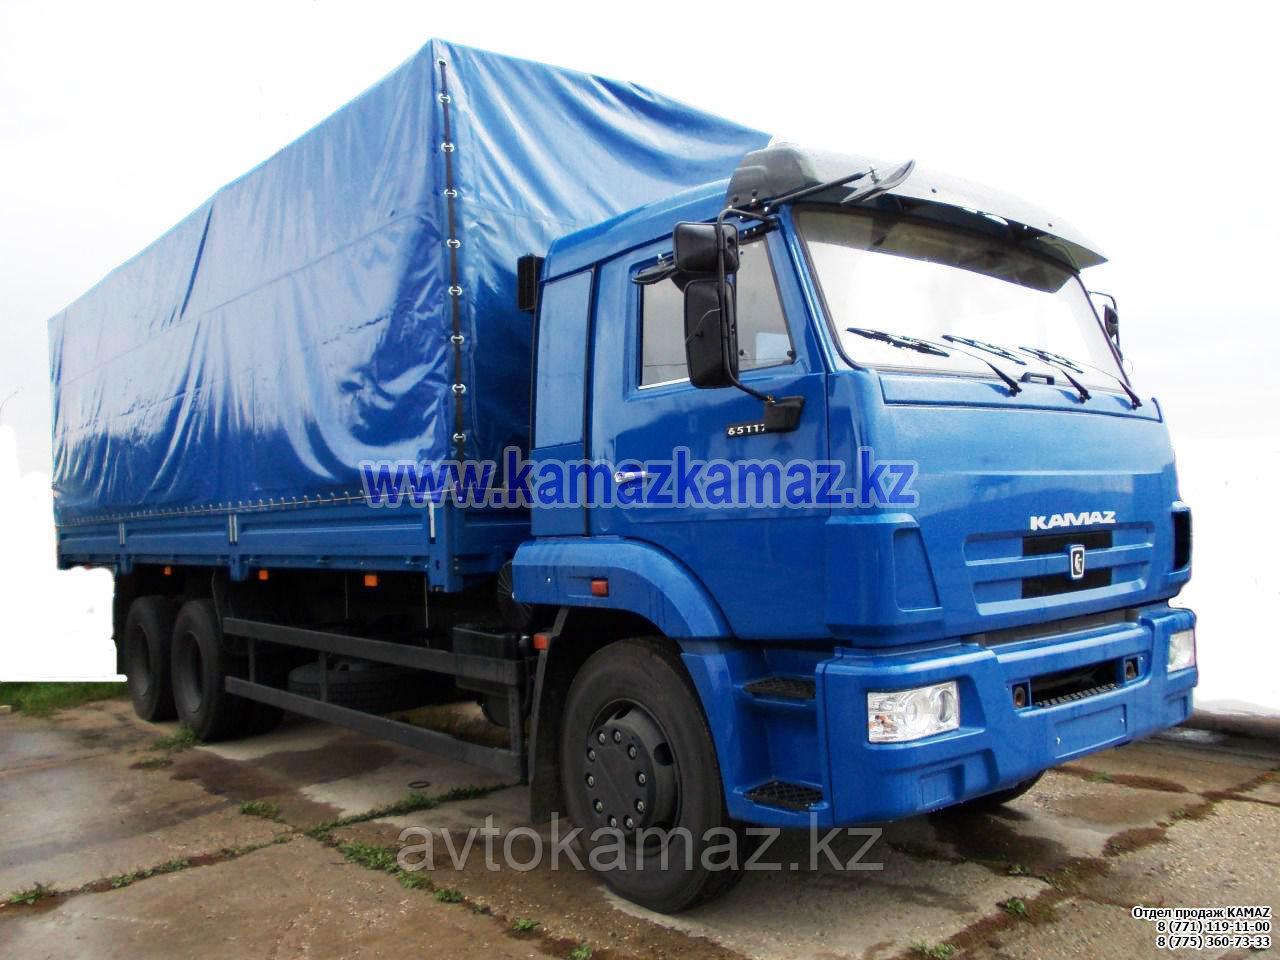 Бортовой грузовик КамАЗ 65117-776010-19 (Сборка РФ, 2017 г.)